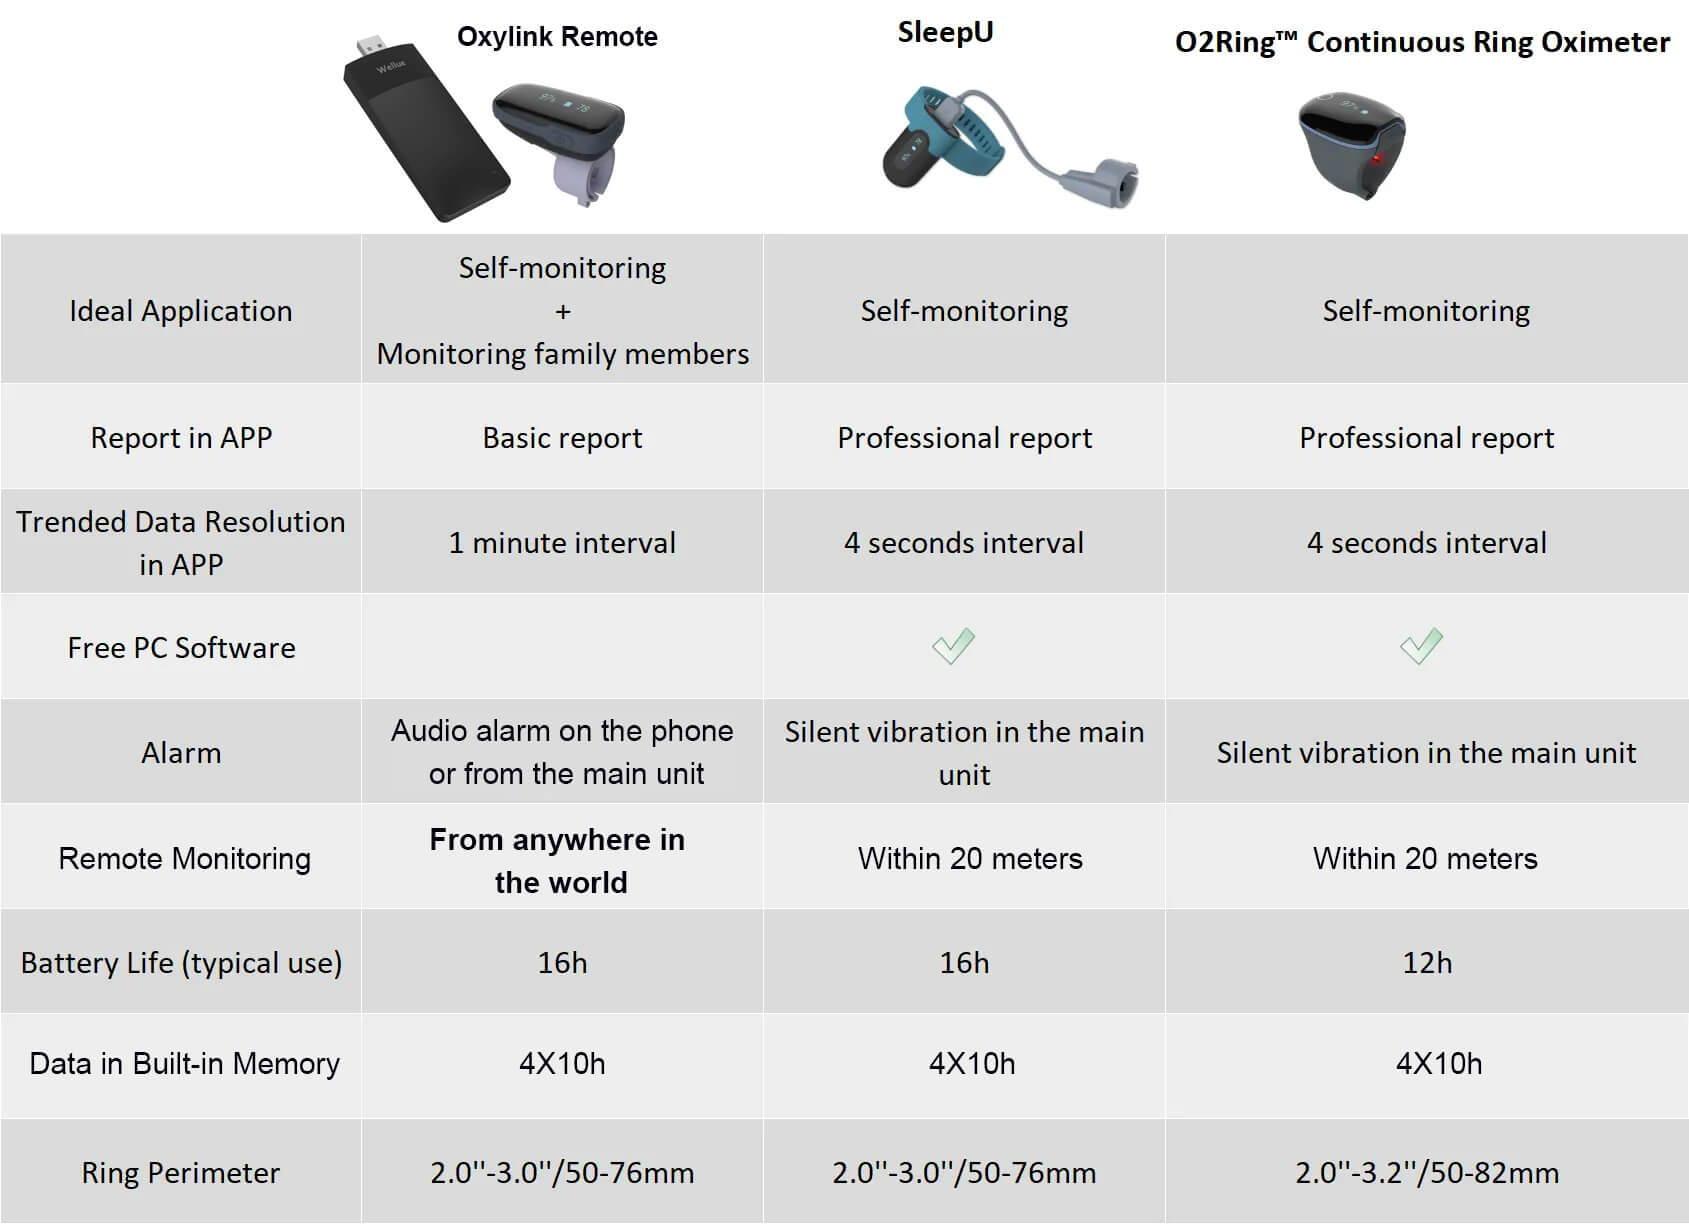 Oxylink im Vergleich zu SleepU und Continuous Ring Oximeter